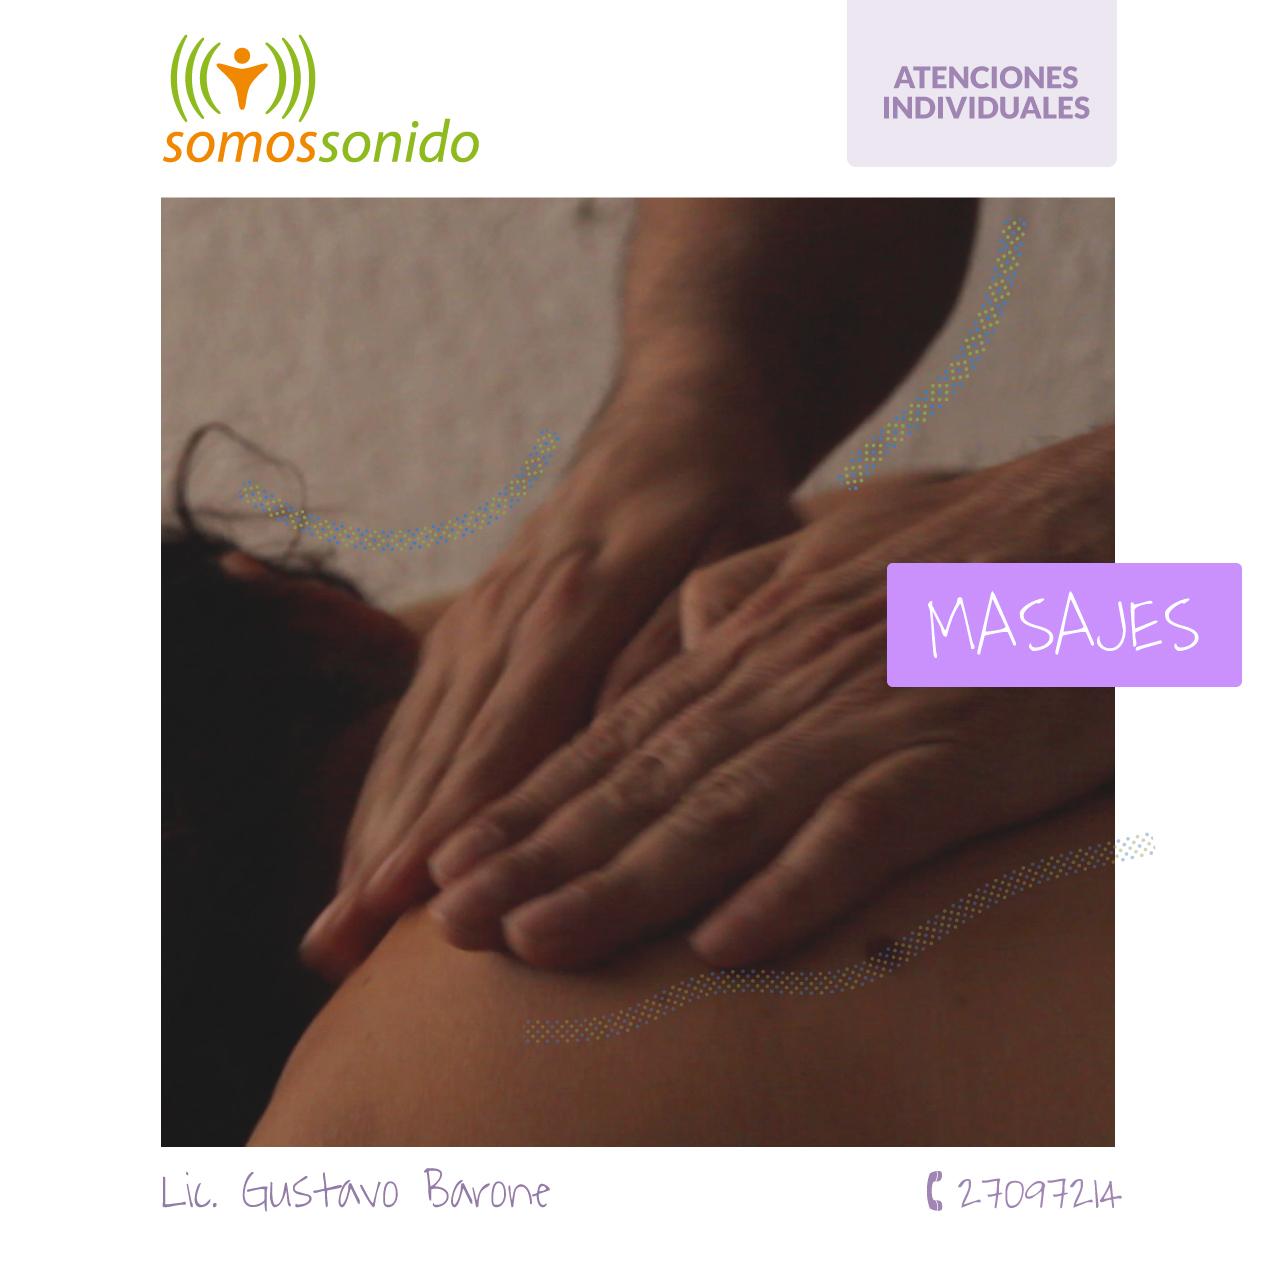 somos_sonido_fb_masajes (1)